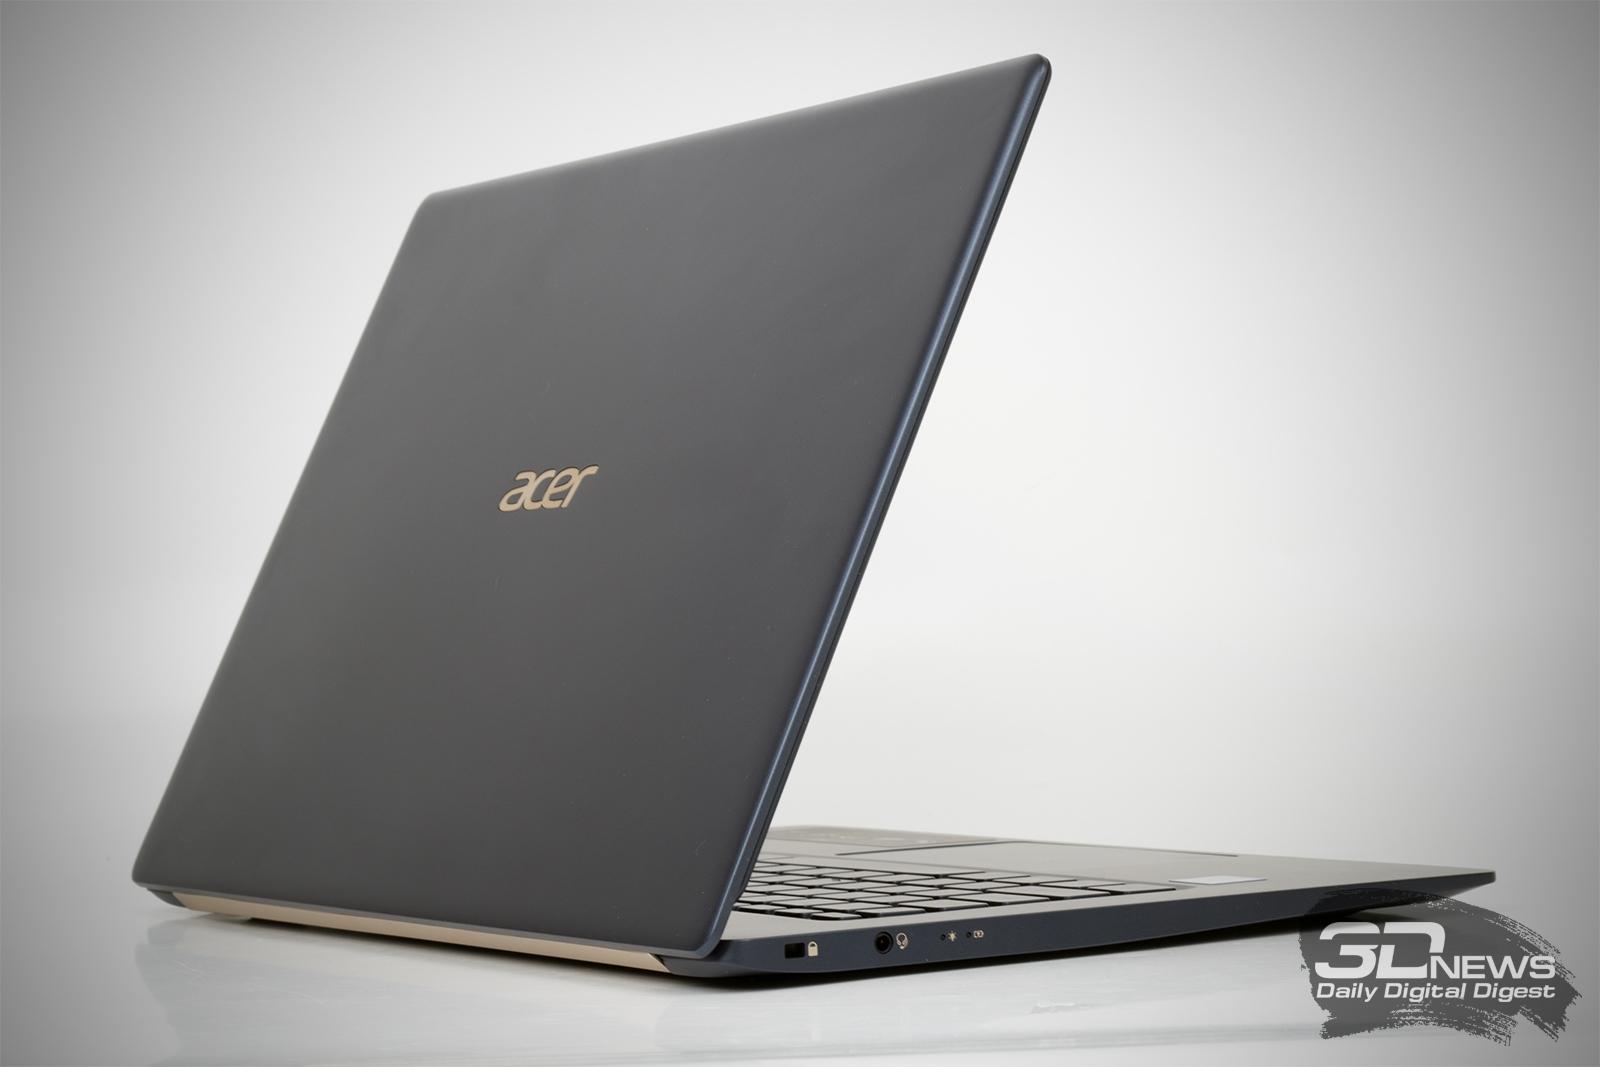 Новая статья: Обзор ноутбука Acer Swift 5: нет времени созерцать — надо работать